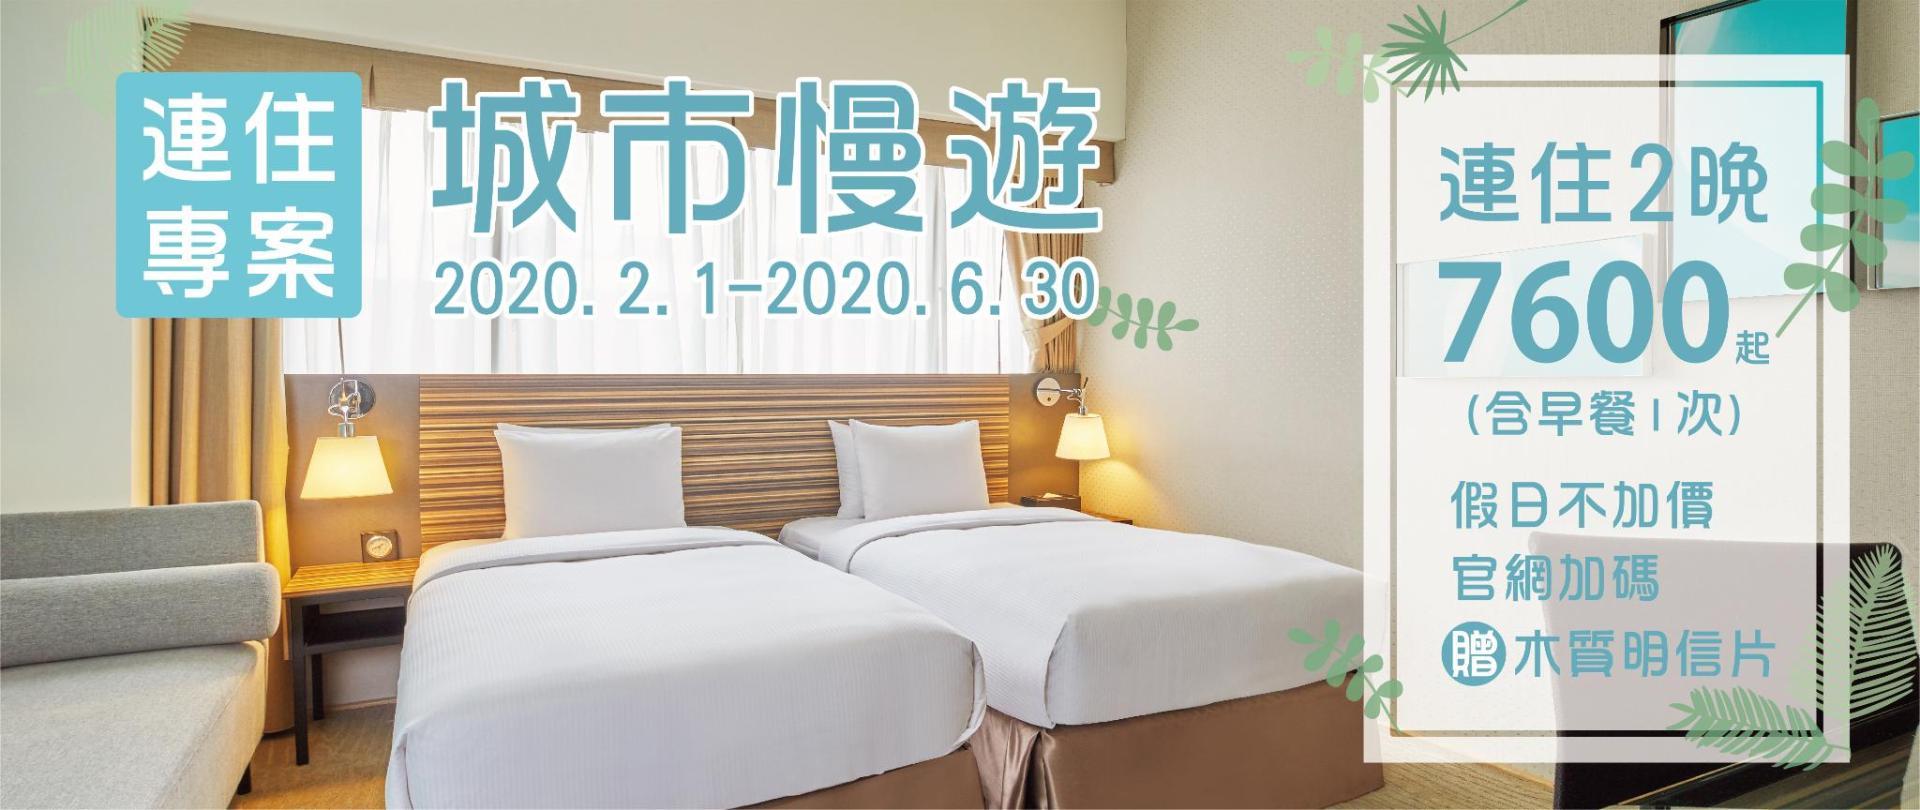 2020城市慢遊(春夏)-Slide Show1920X810.jpg